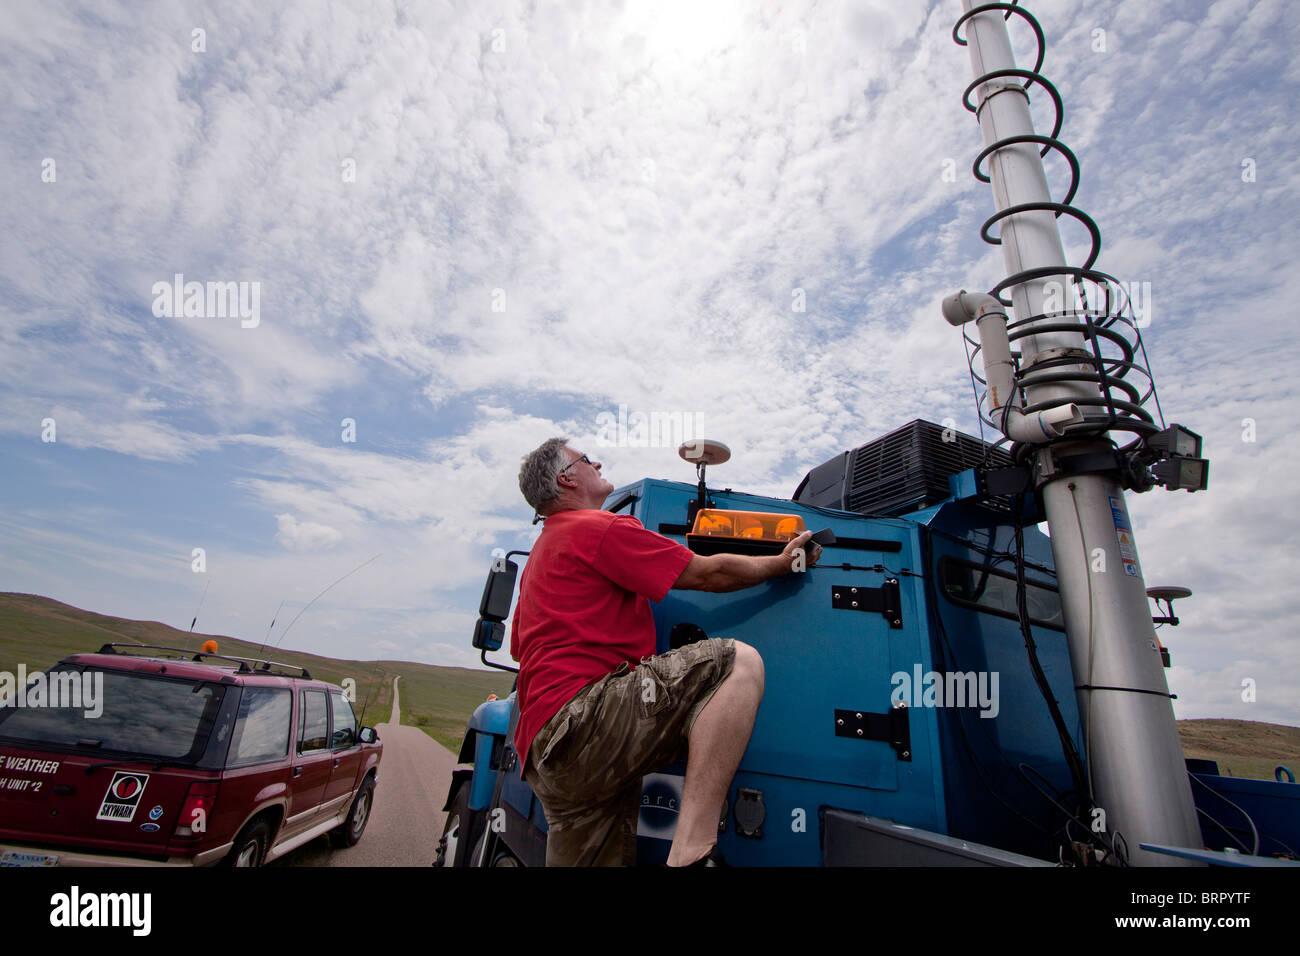 Doppler auf Rädern Nummer 7 LKW-Fahrer Herb Stein klettert auf den LKW zu der Radarschüssel binden Stockbild